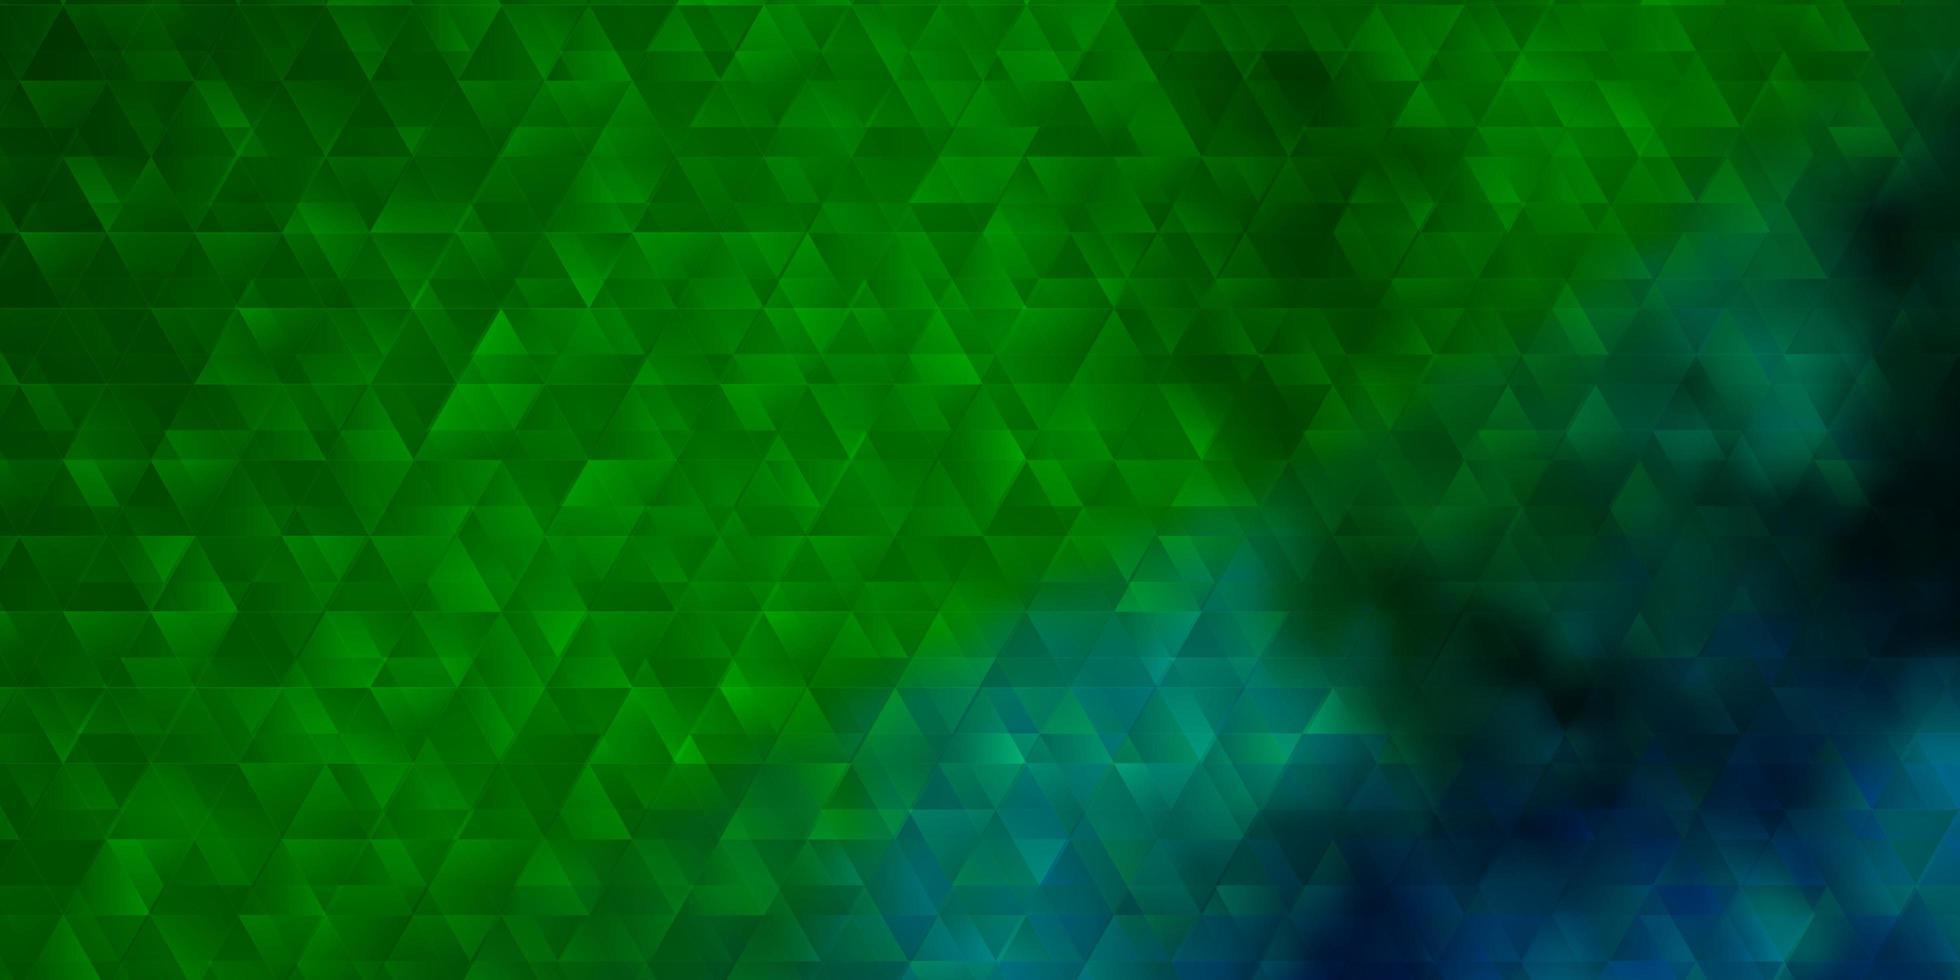 hellblauer, grüner Vektorhintergrund mit Linien, Dreiecken. vektor